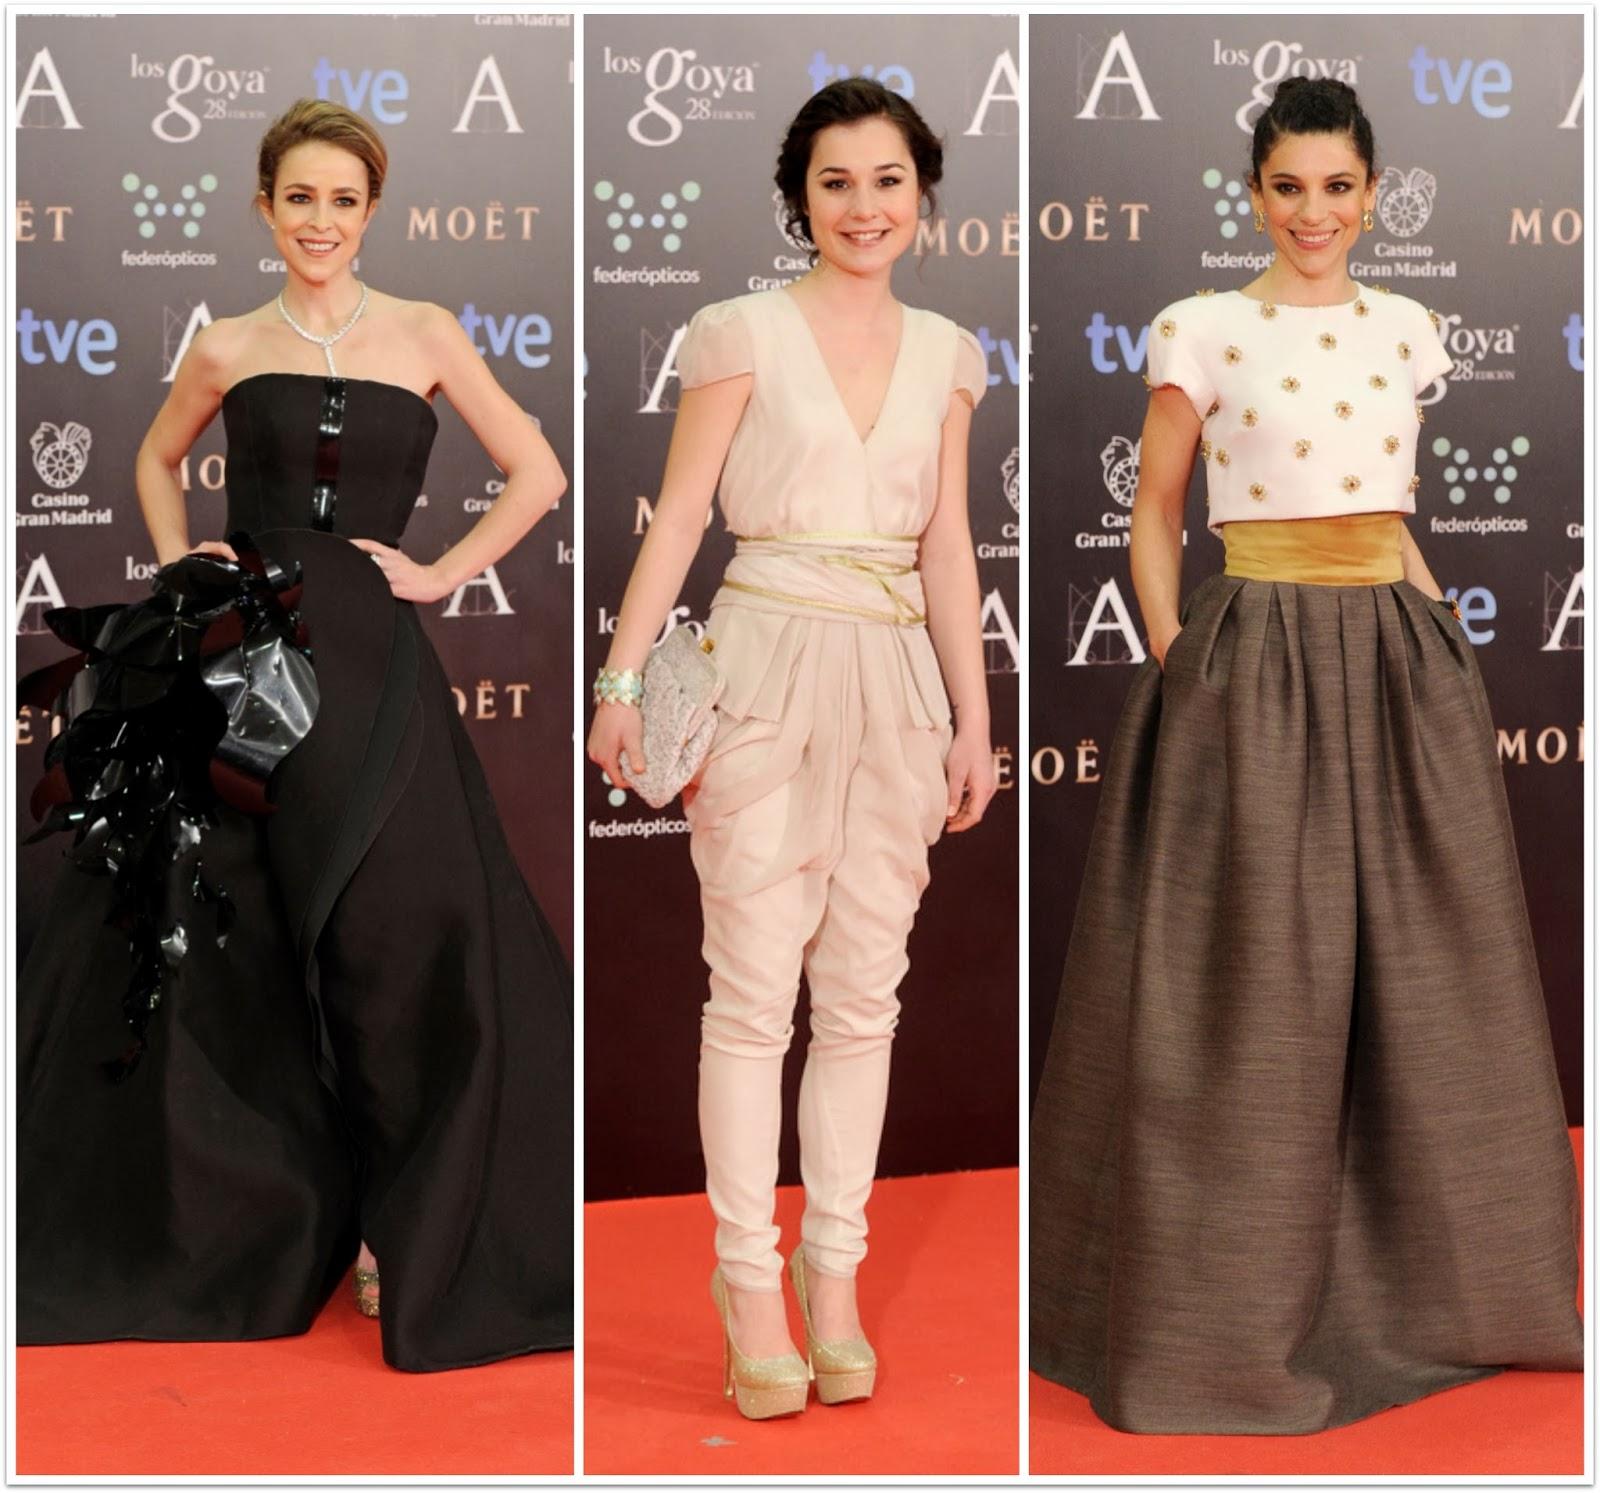 Las más arriesgadas Los Goya 2014 - 28 - Silvia Abascal, Nadia de Santiago, Irene Visedo